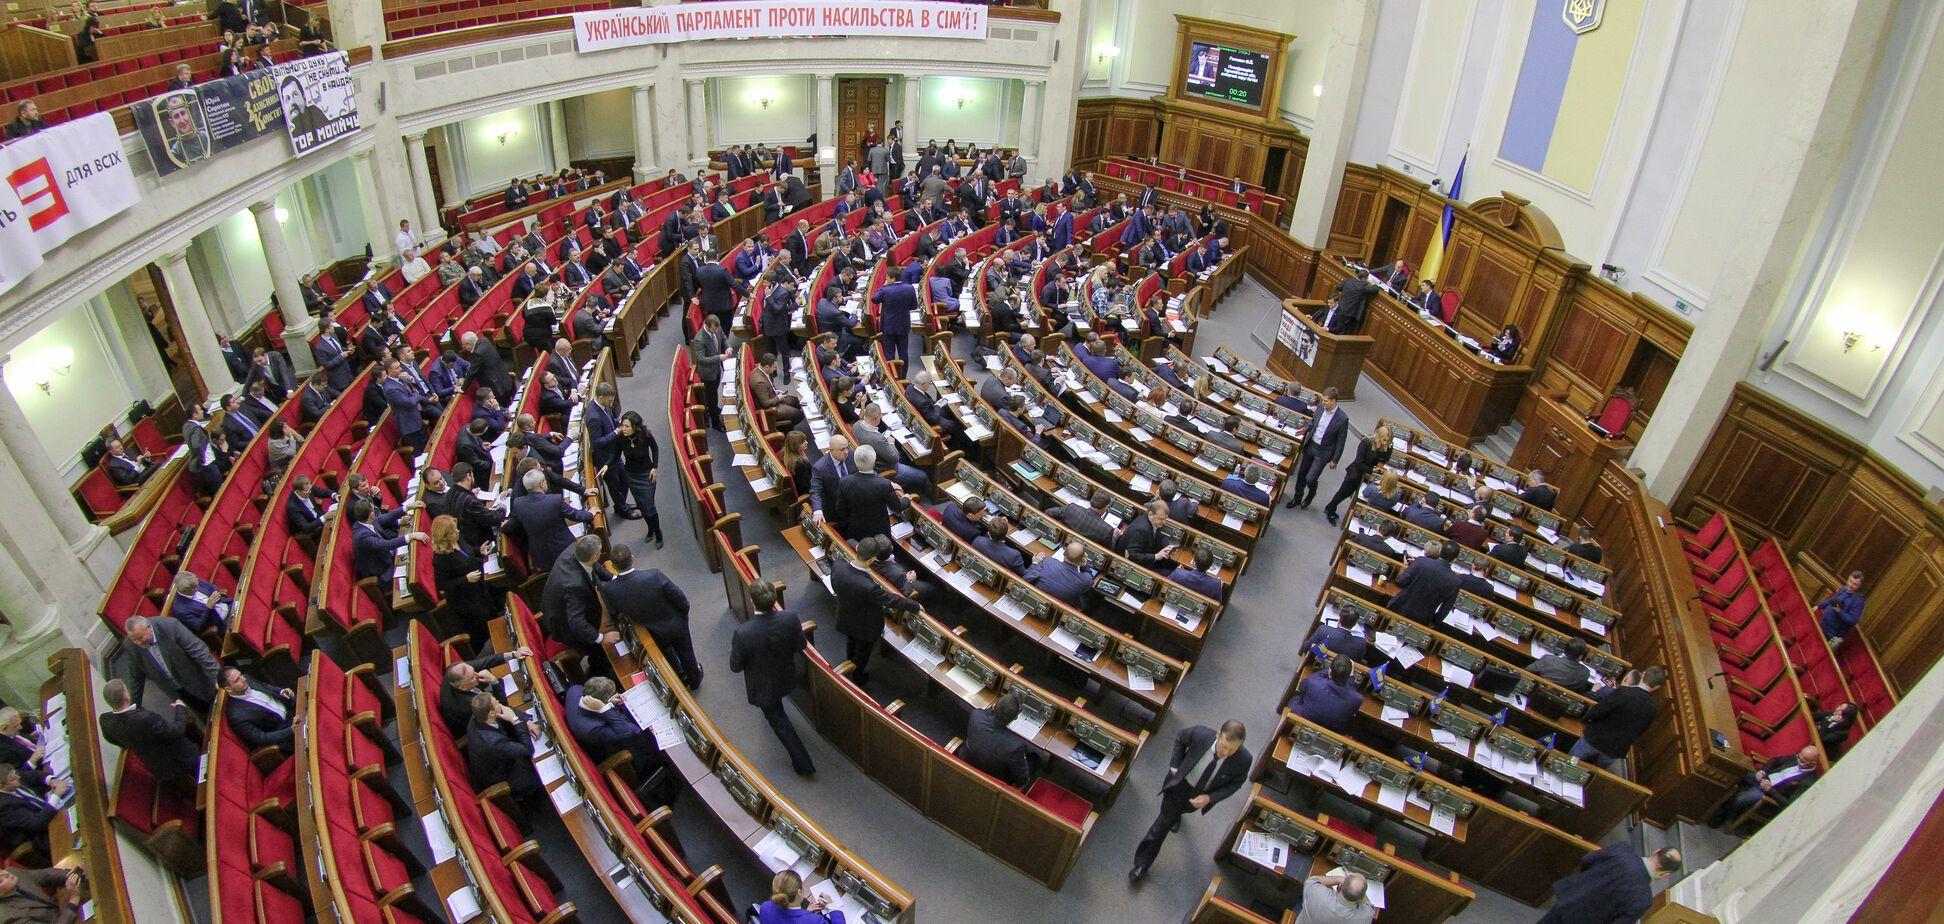 От Москвы до Нью-Йорка: украинские нардепы задекларировали недвижимость в 15 странах мира